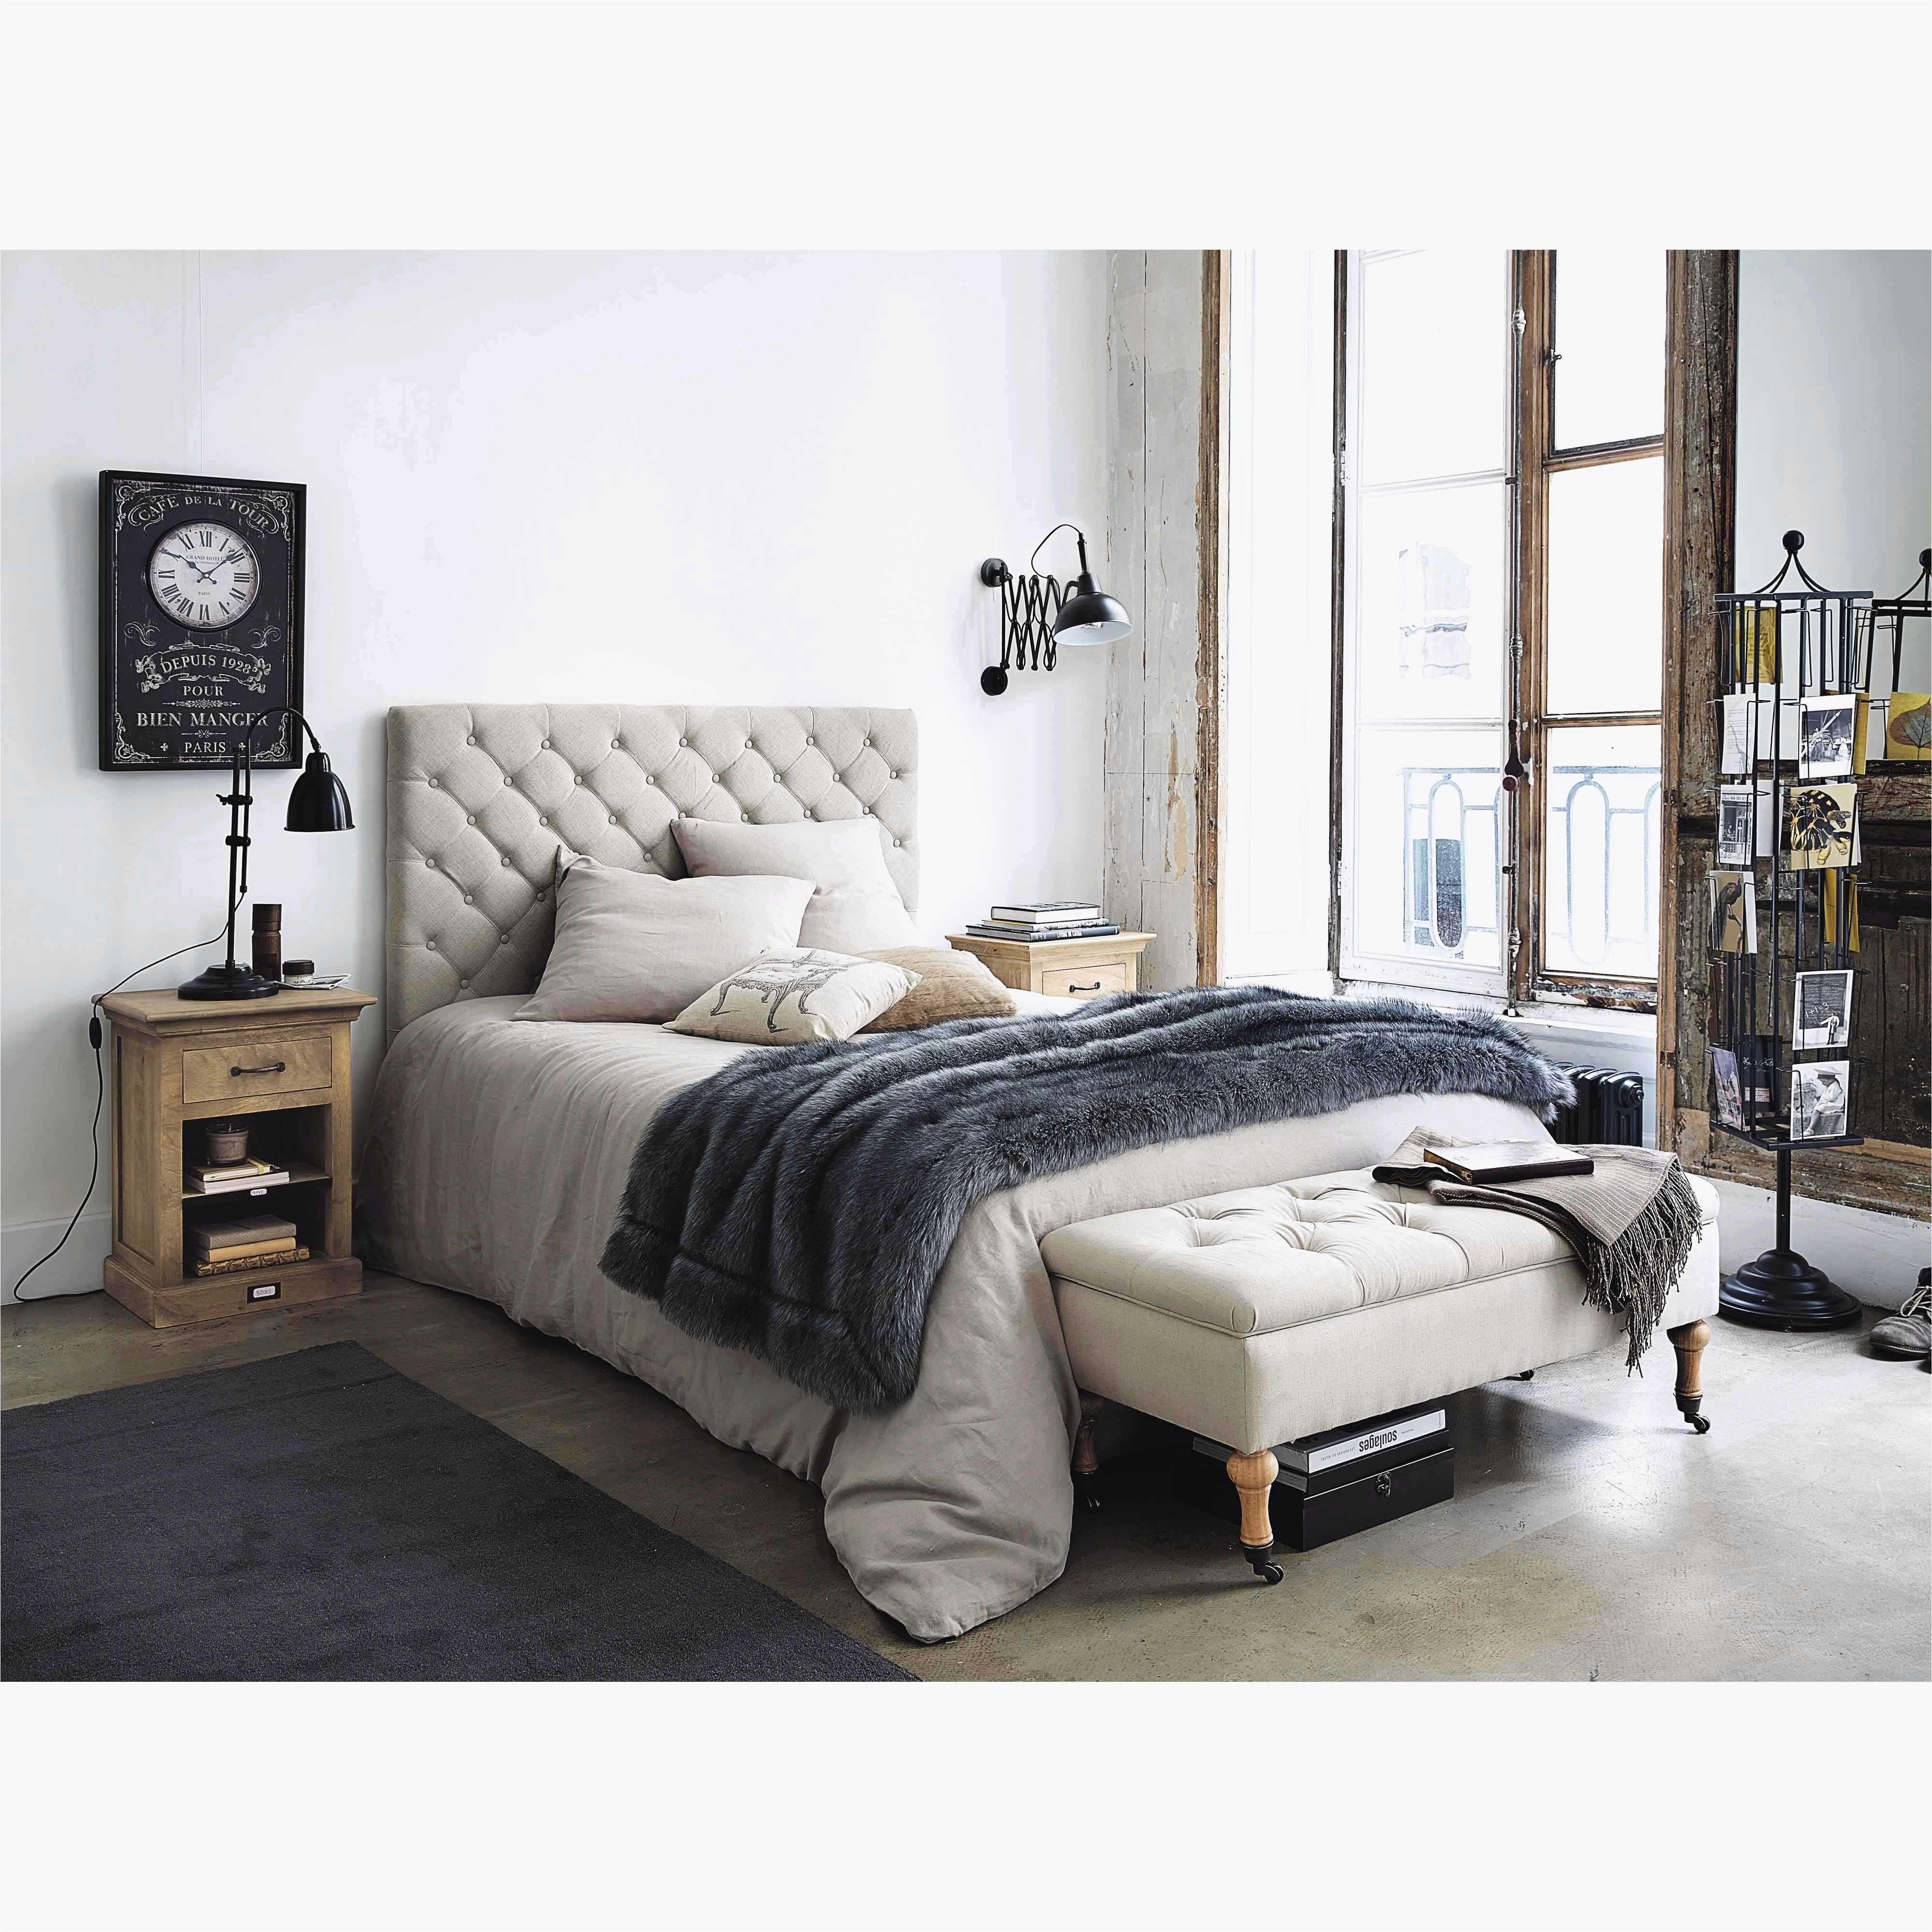 Tete De Lit En Bois Pas Cher tete de lit en bambou lit en bois massif pas cher tete de